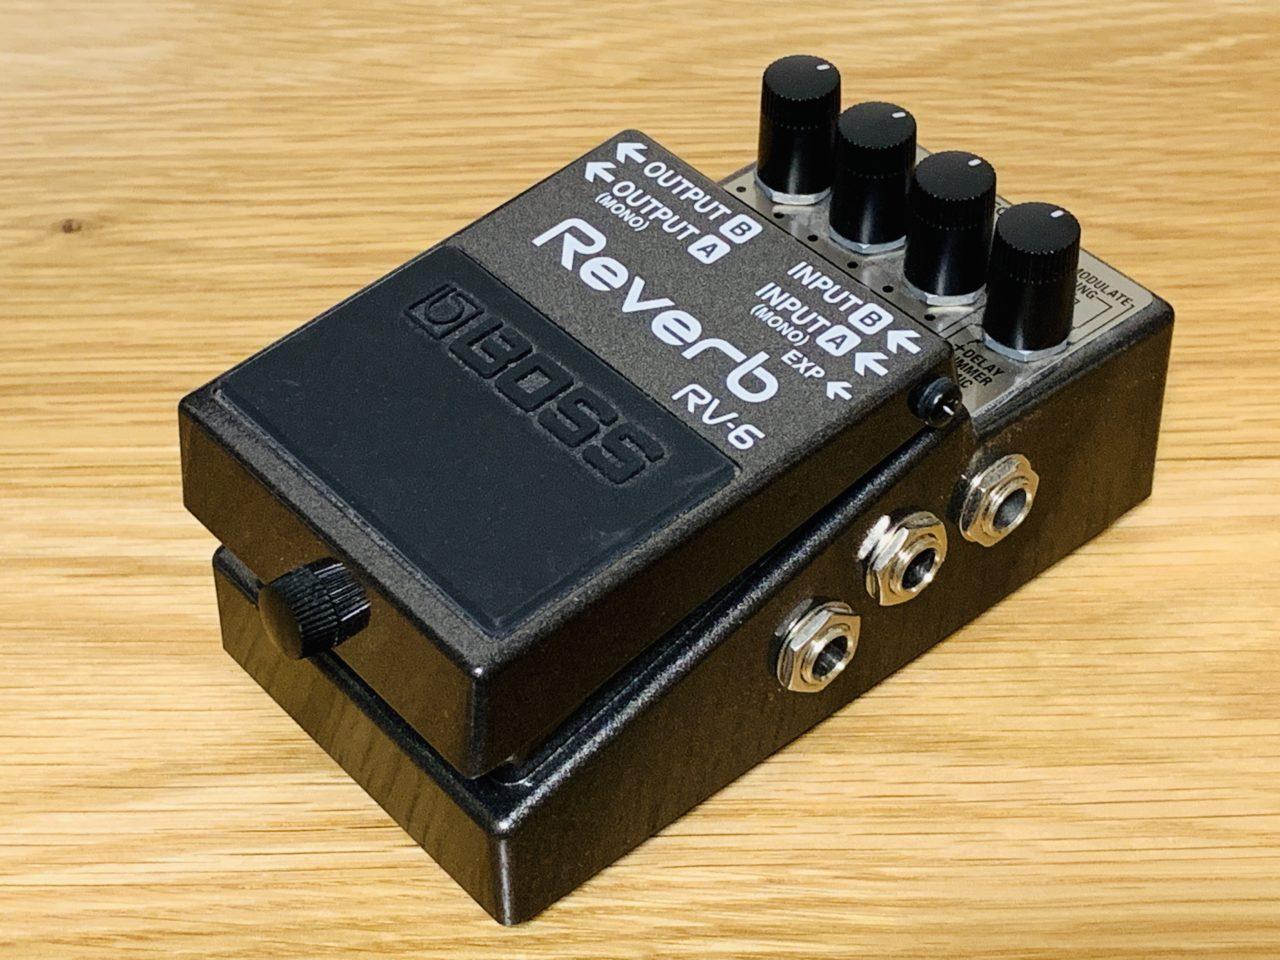 【レビュー】コンパクトリバーブの決定版!BOSS RV-6 Reverb を弾いてみた!